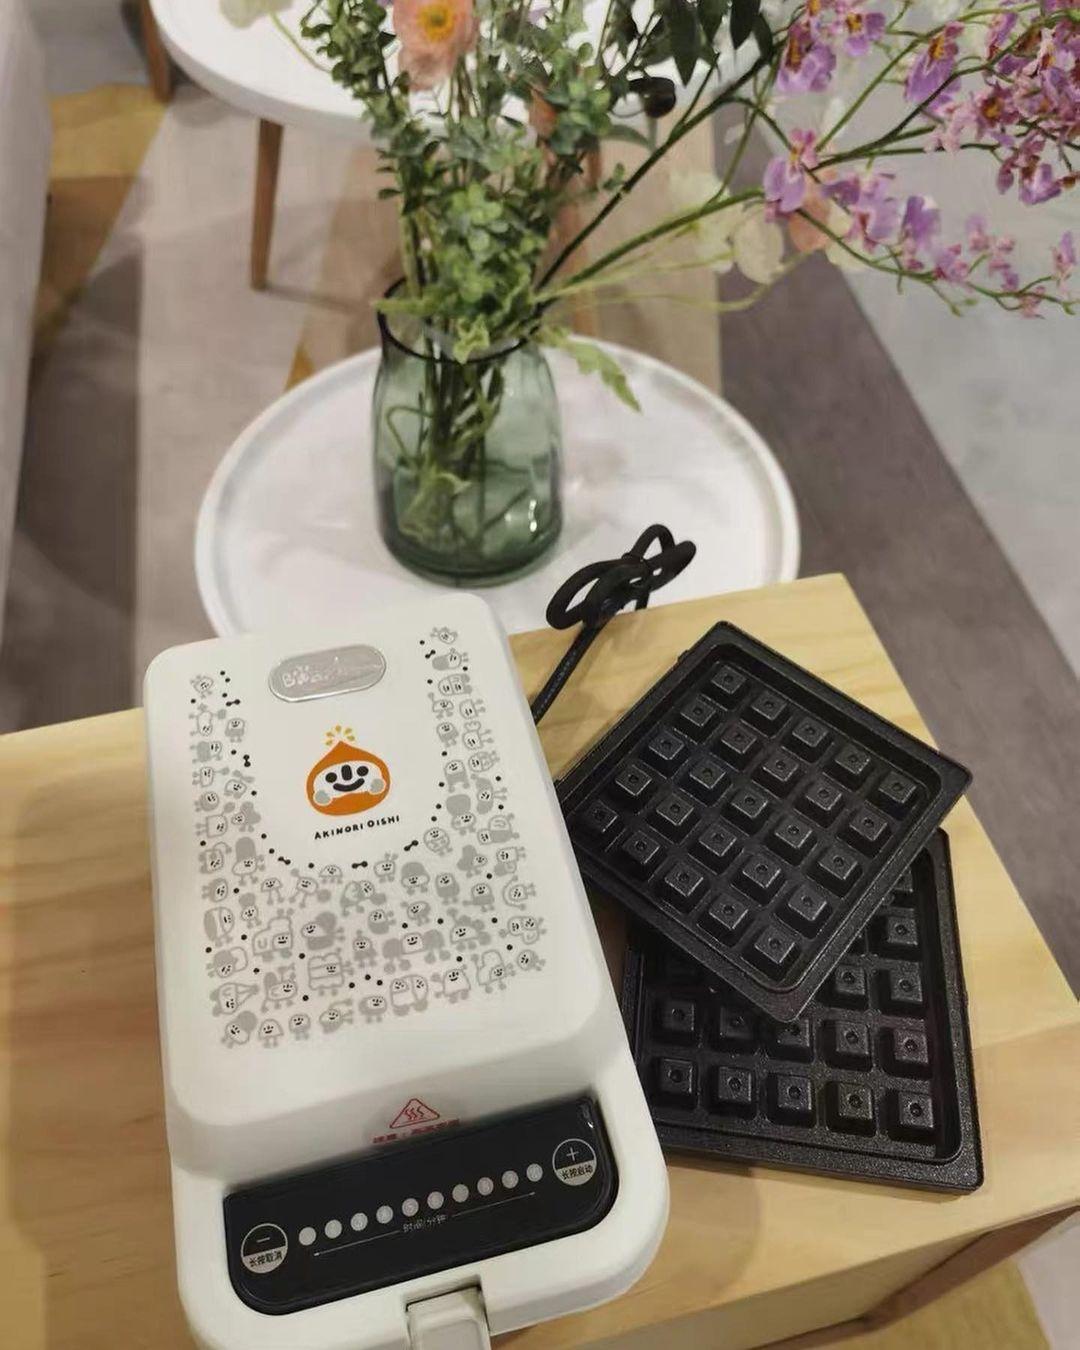 Từ 239k, bạn đã sắm được máy làm bánh waffle xịn sò hệt ngoài tiệm như Hà Tăng - Ảnh 8.